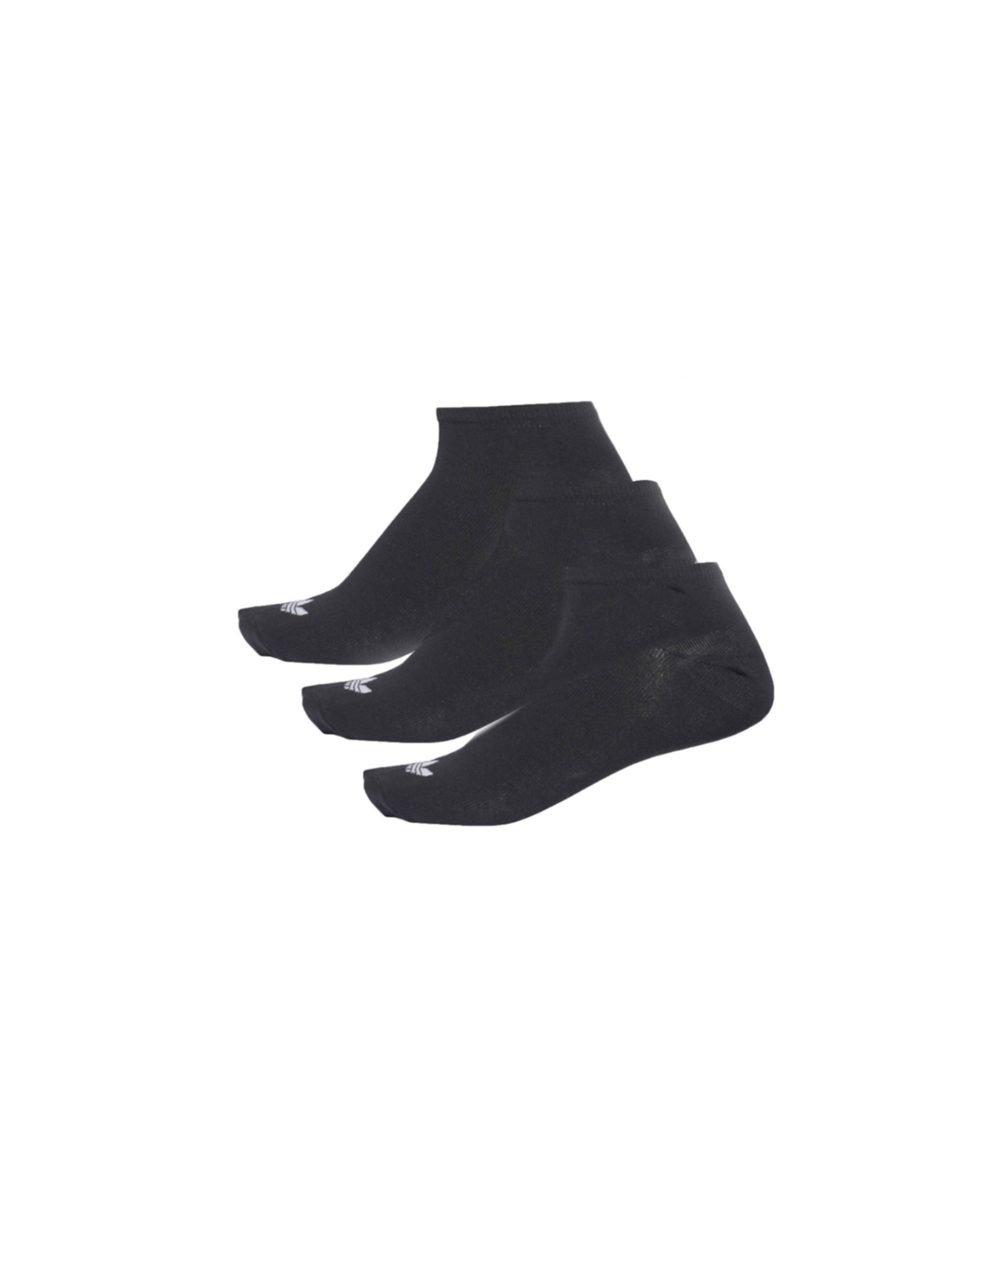 Adidas Trefoil Liner Sock (S20274) Black